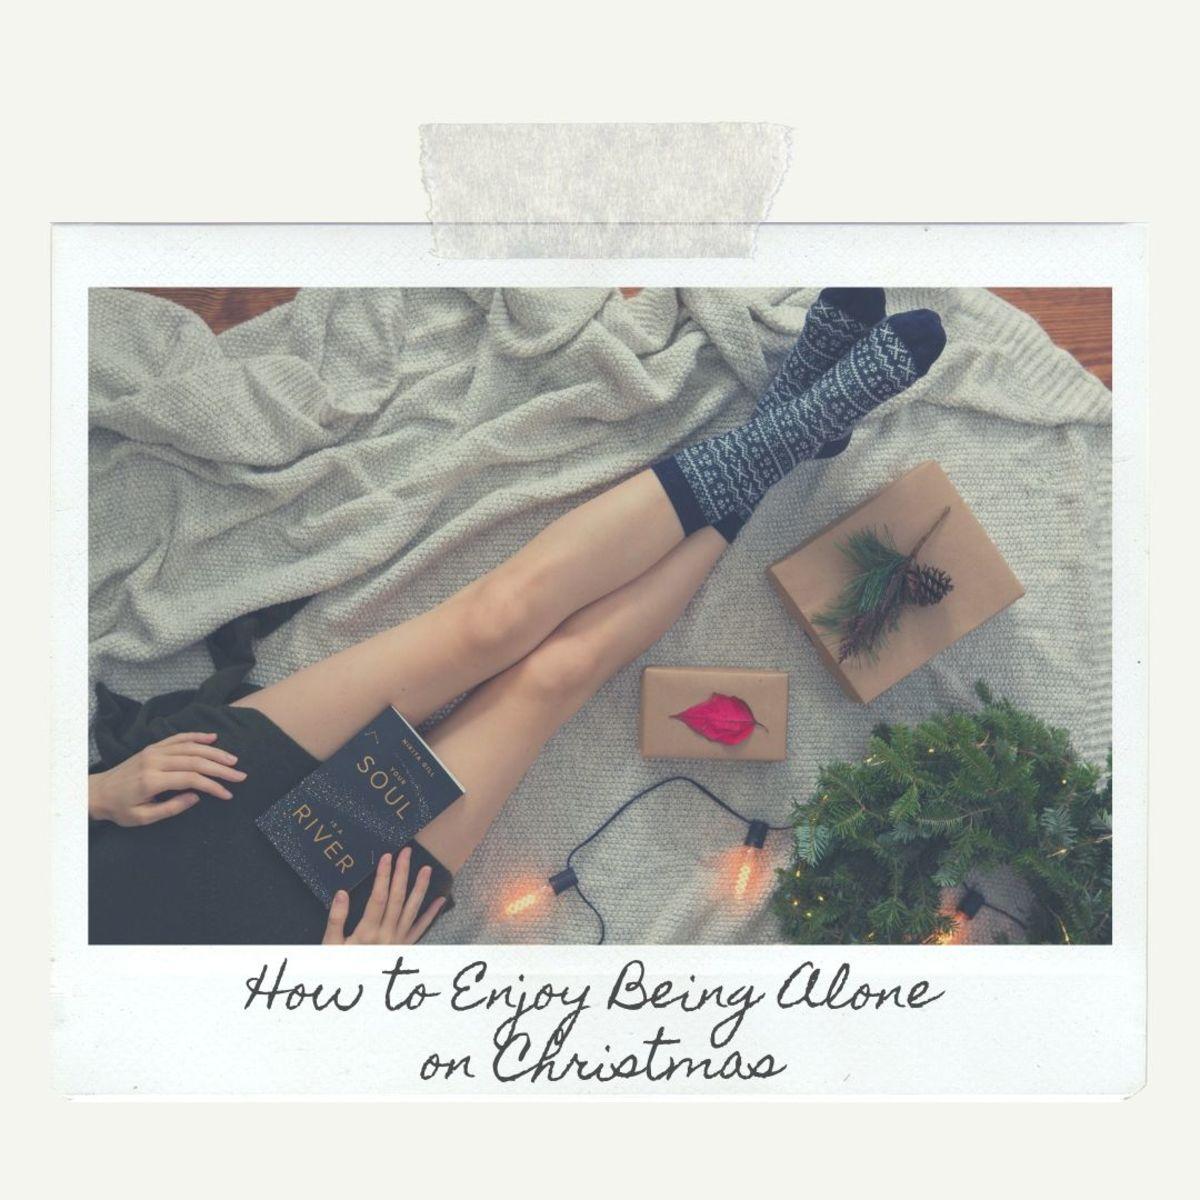 5 Tips for Spending Christmas Alone